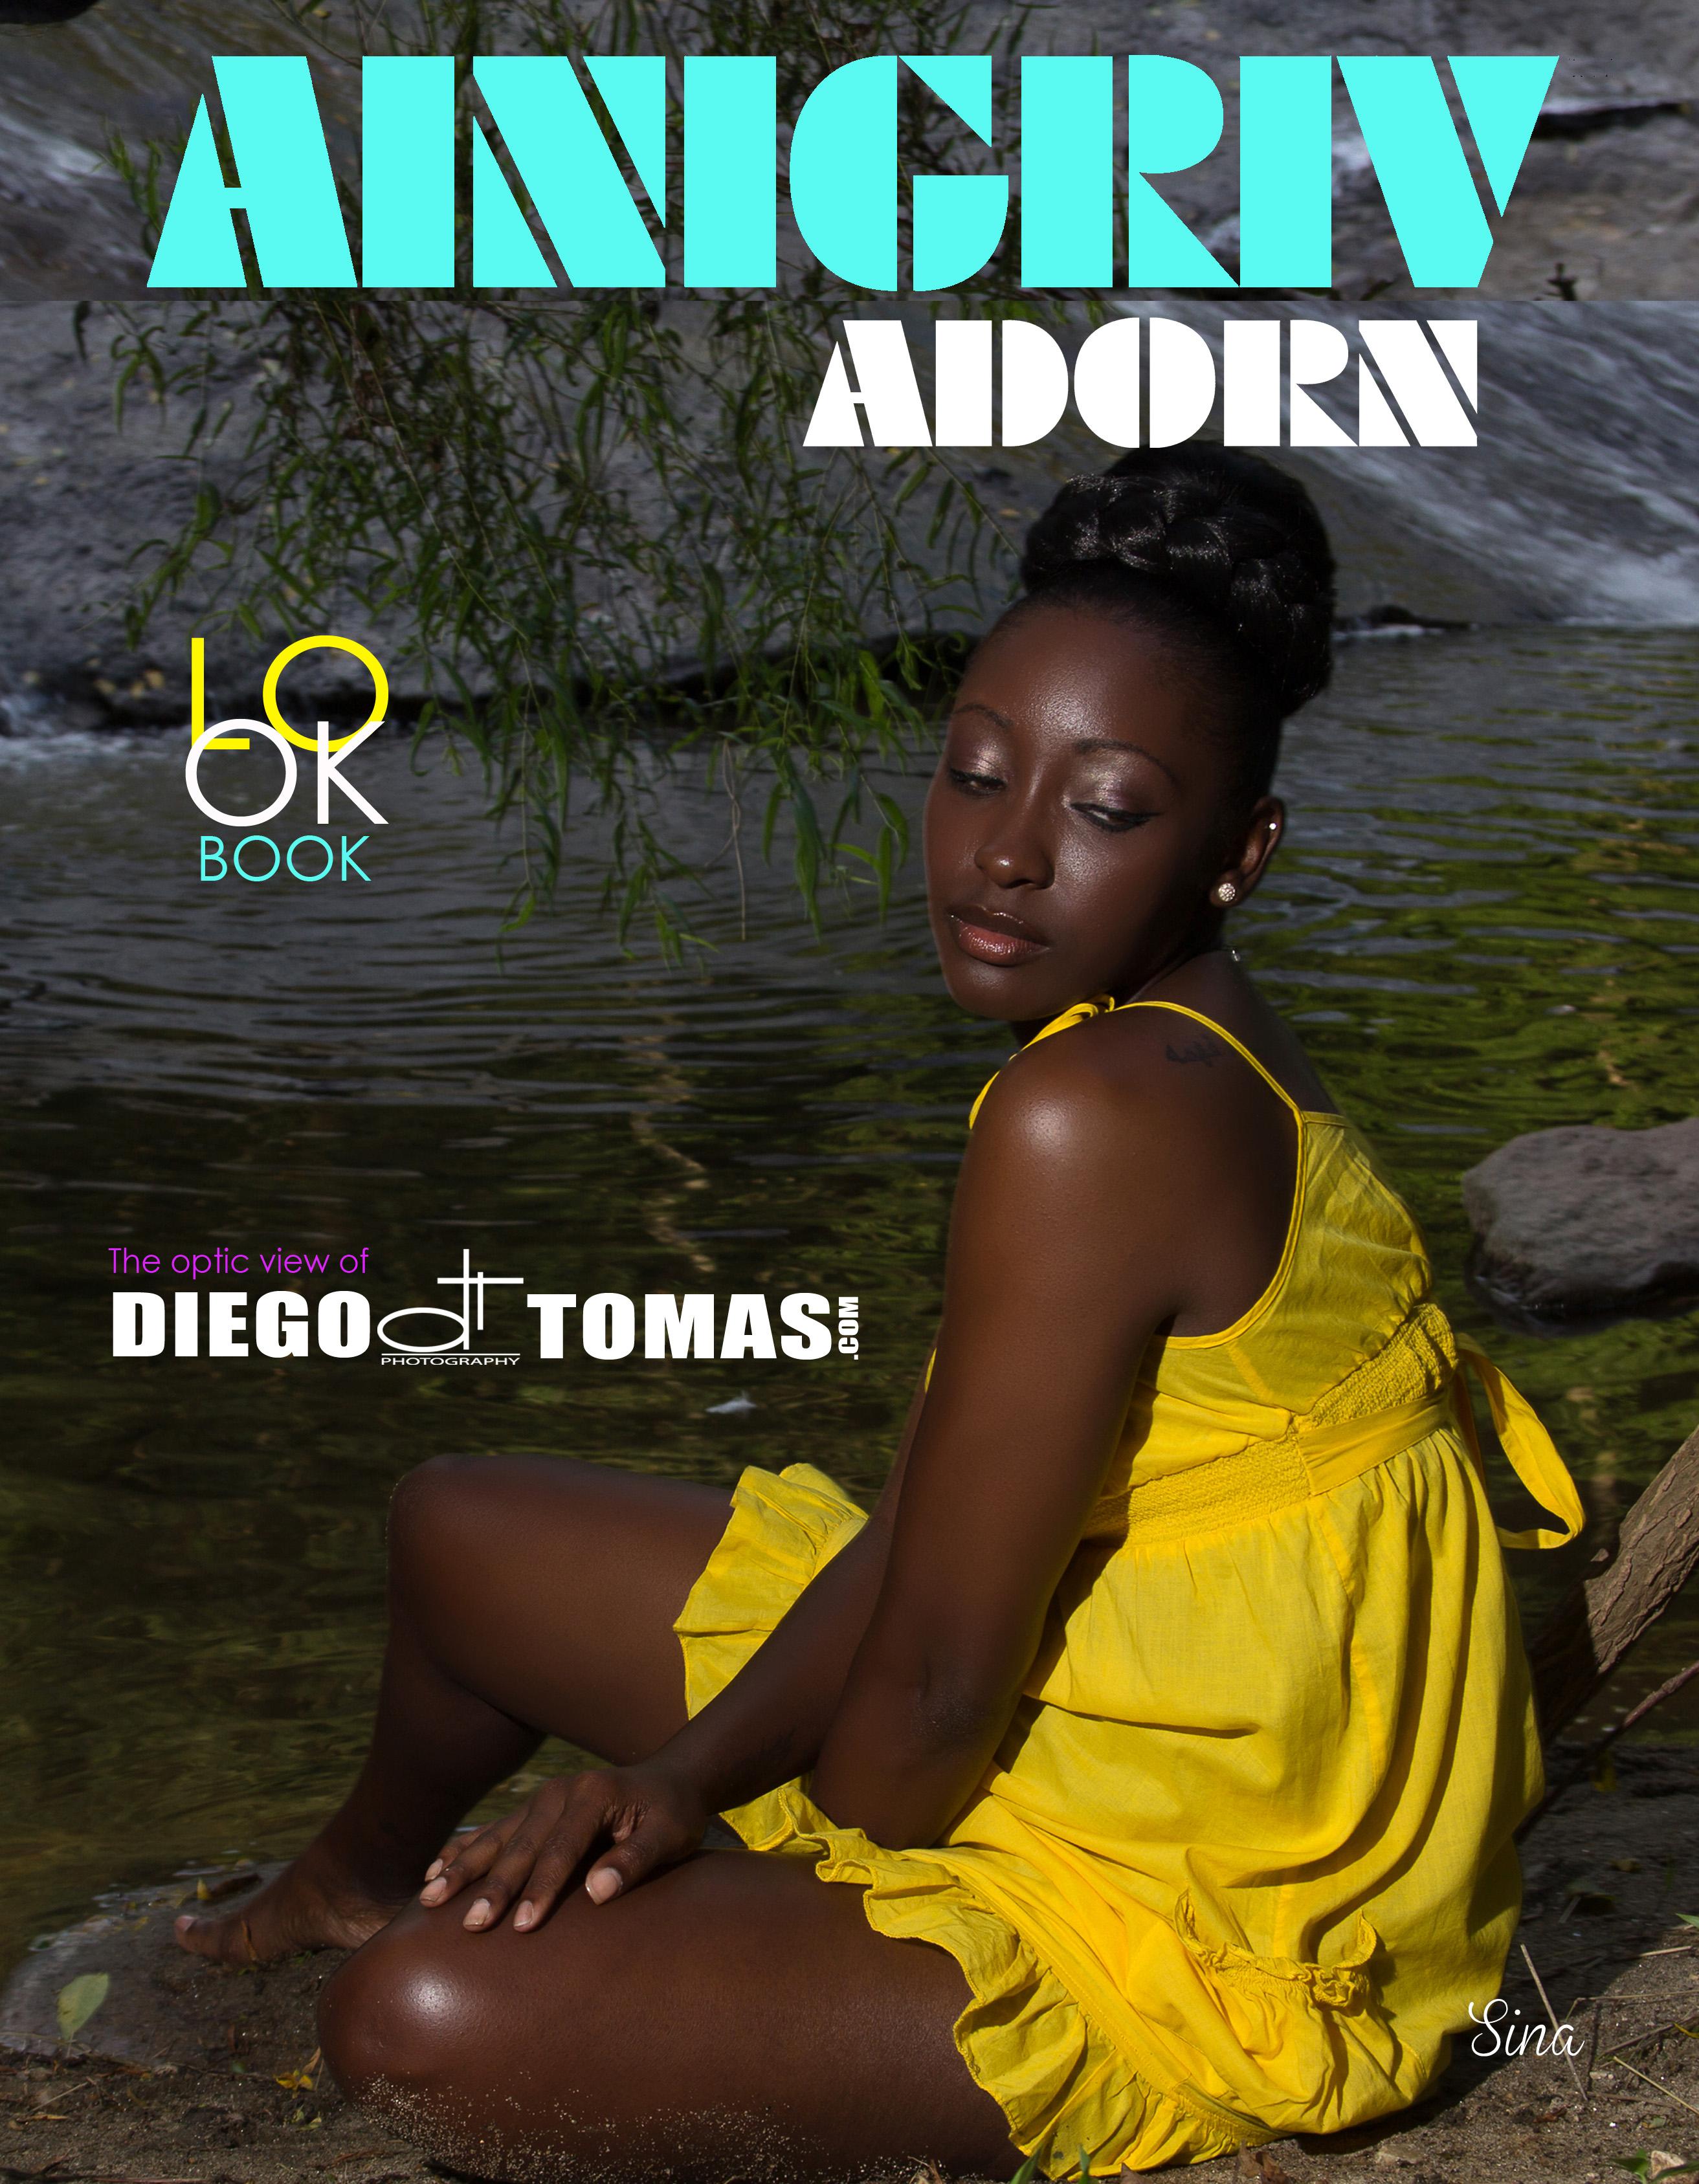 Ainigriv Adorn Look Book 10